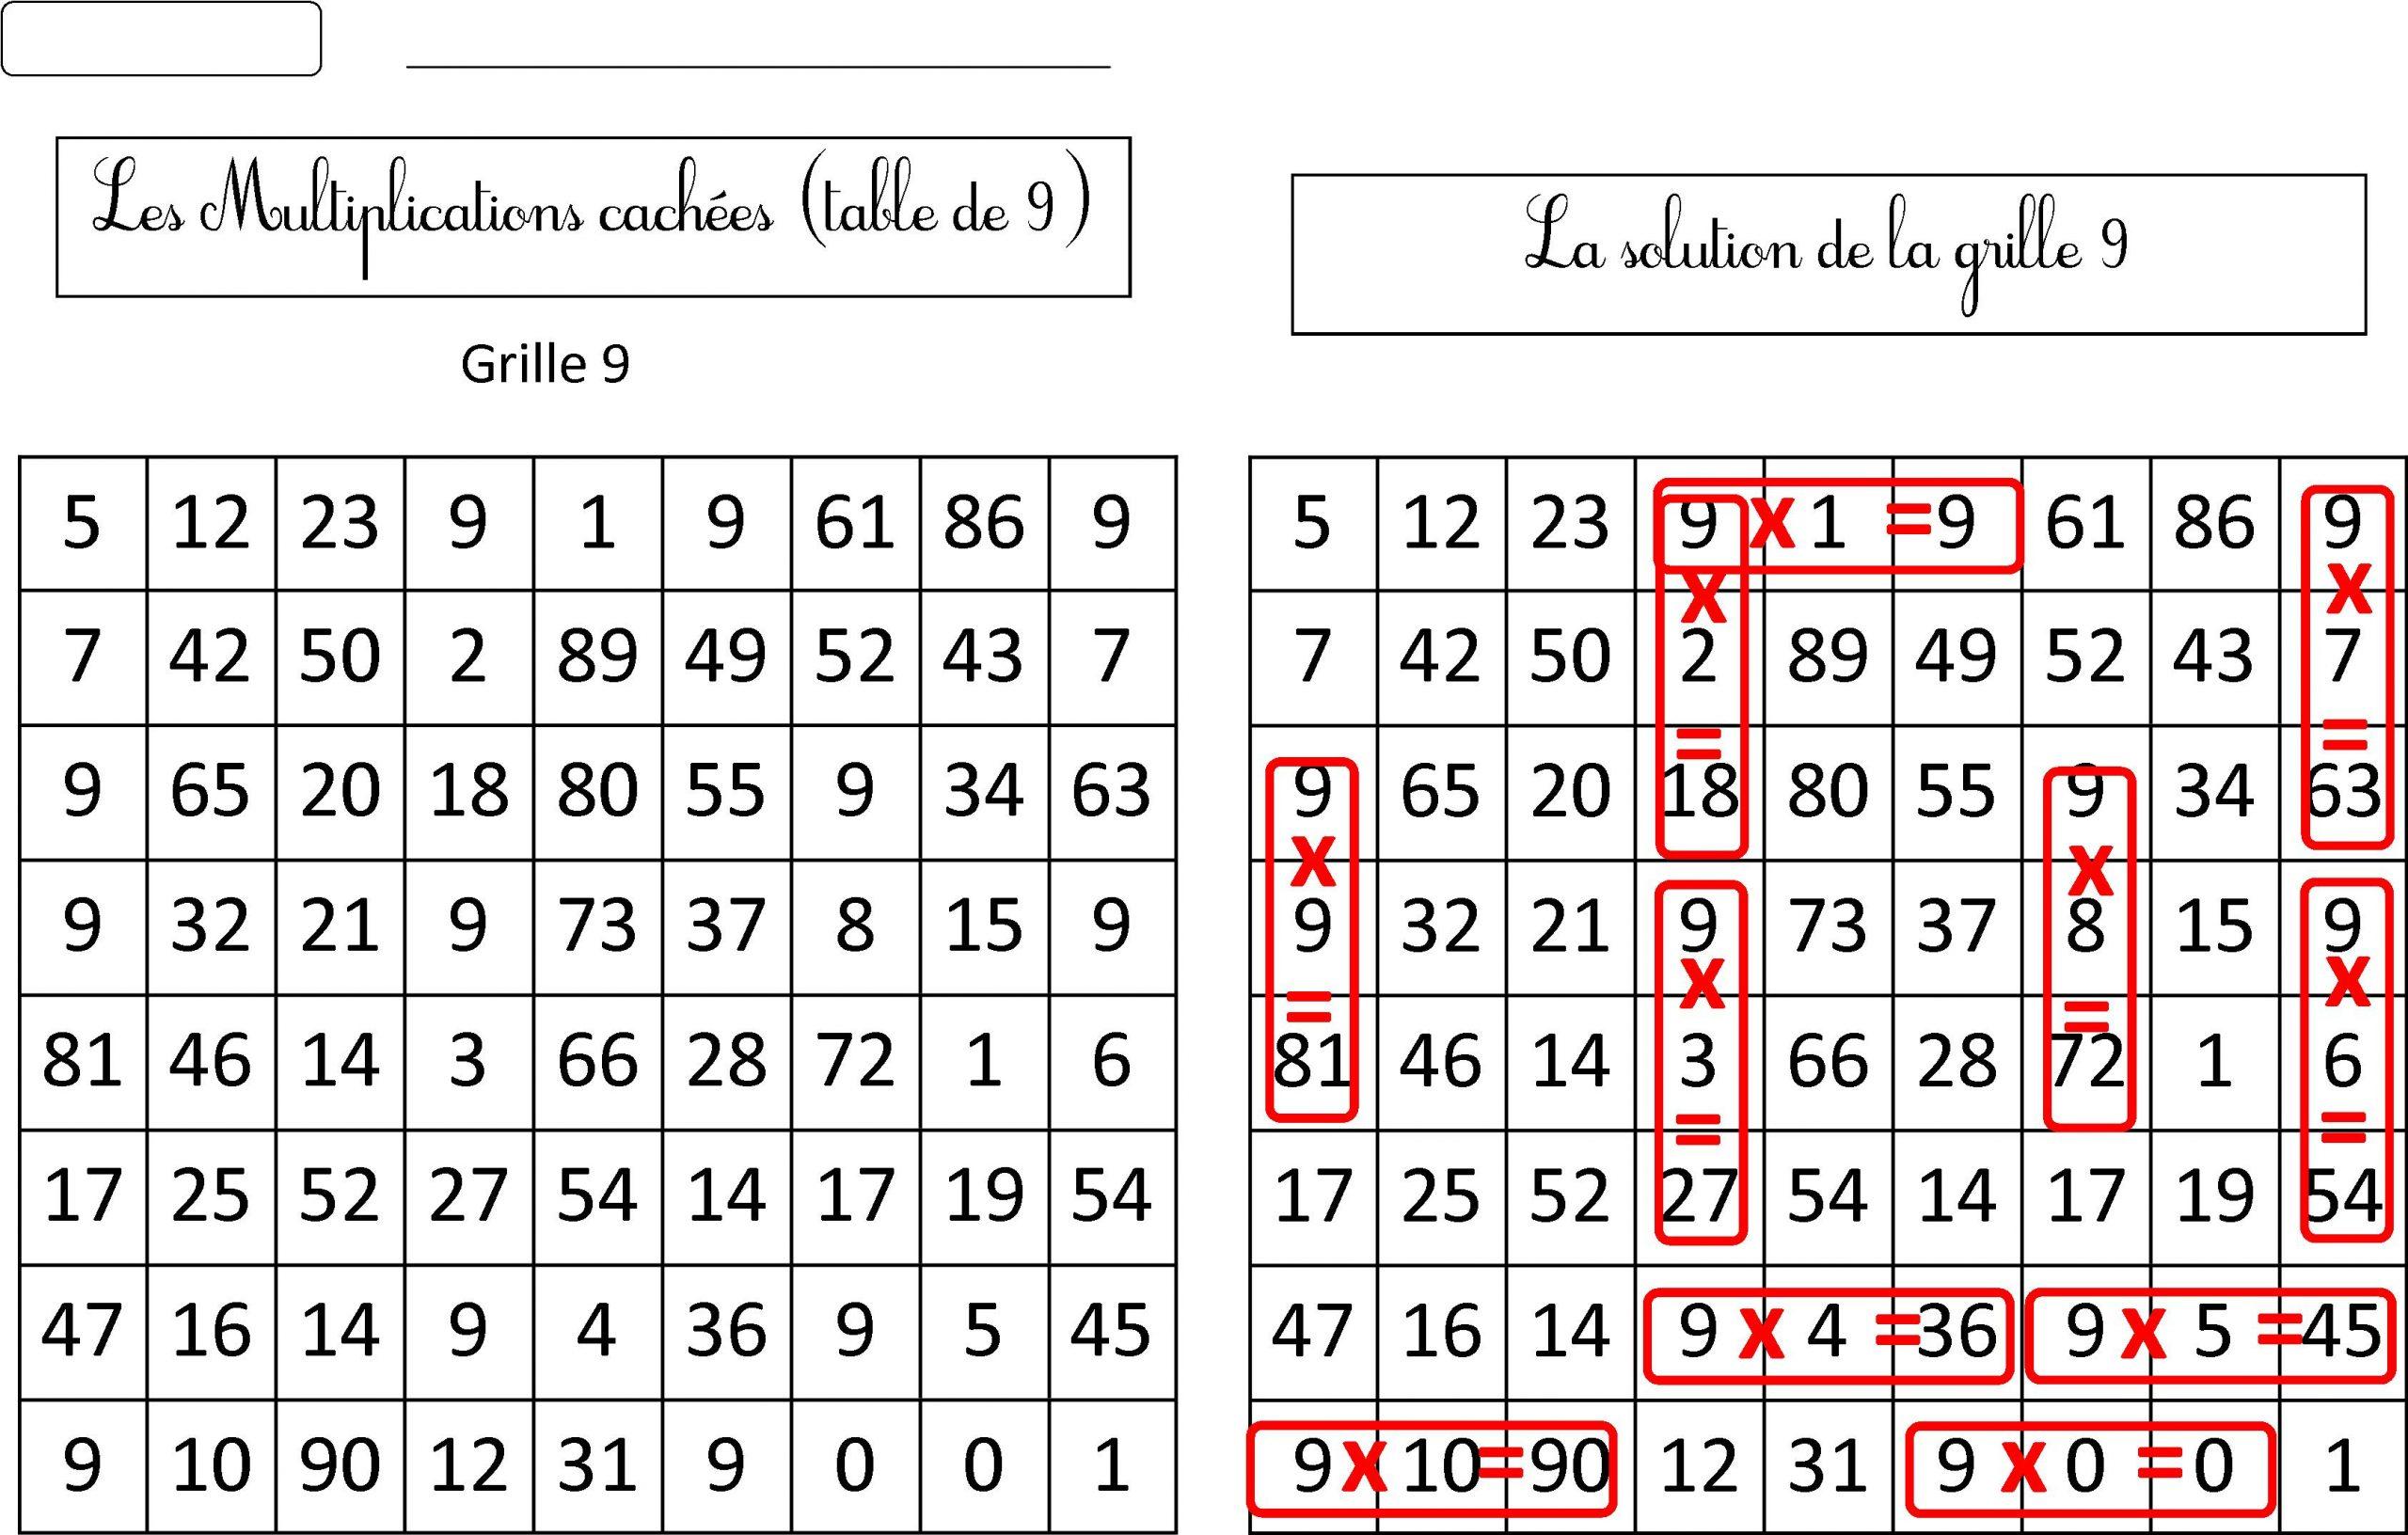 Nouvelles Grilles Multiplications Cachées Tables 6 7 8 9 concernant Tables De Multiplication Jeux À Imprimer